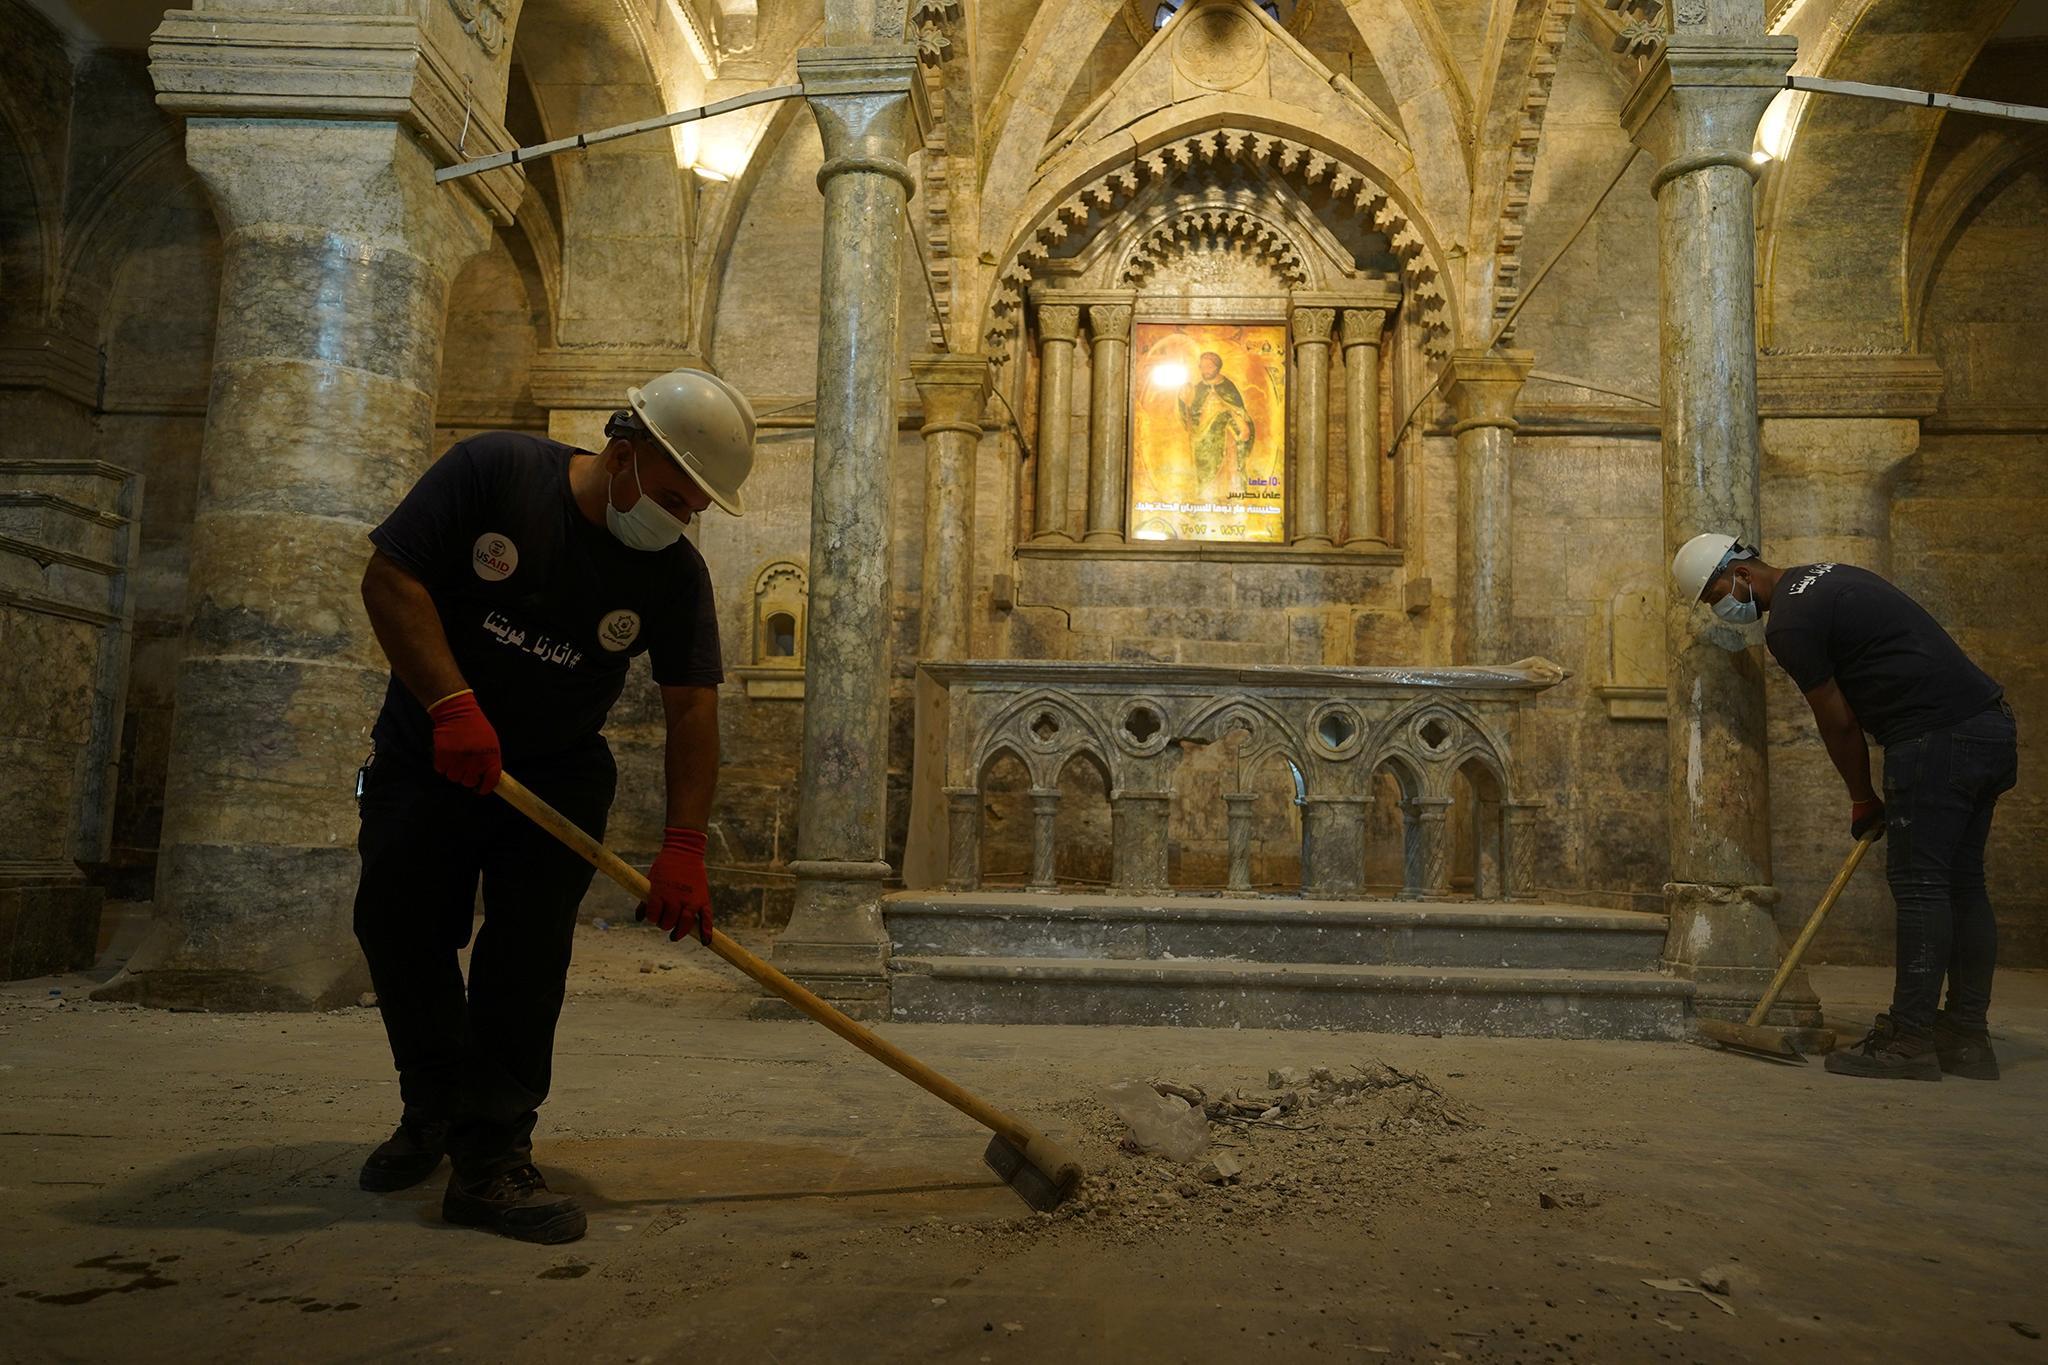 Ирак: молодые мусульмане восстанавливают католический храм в Мосуле (ФОТО)